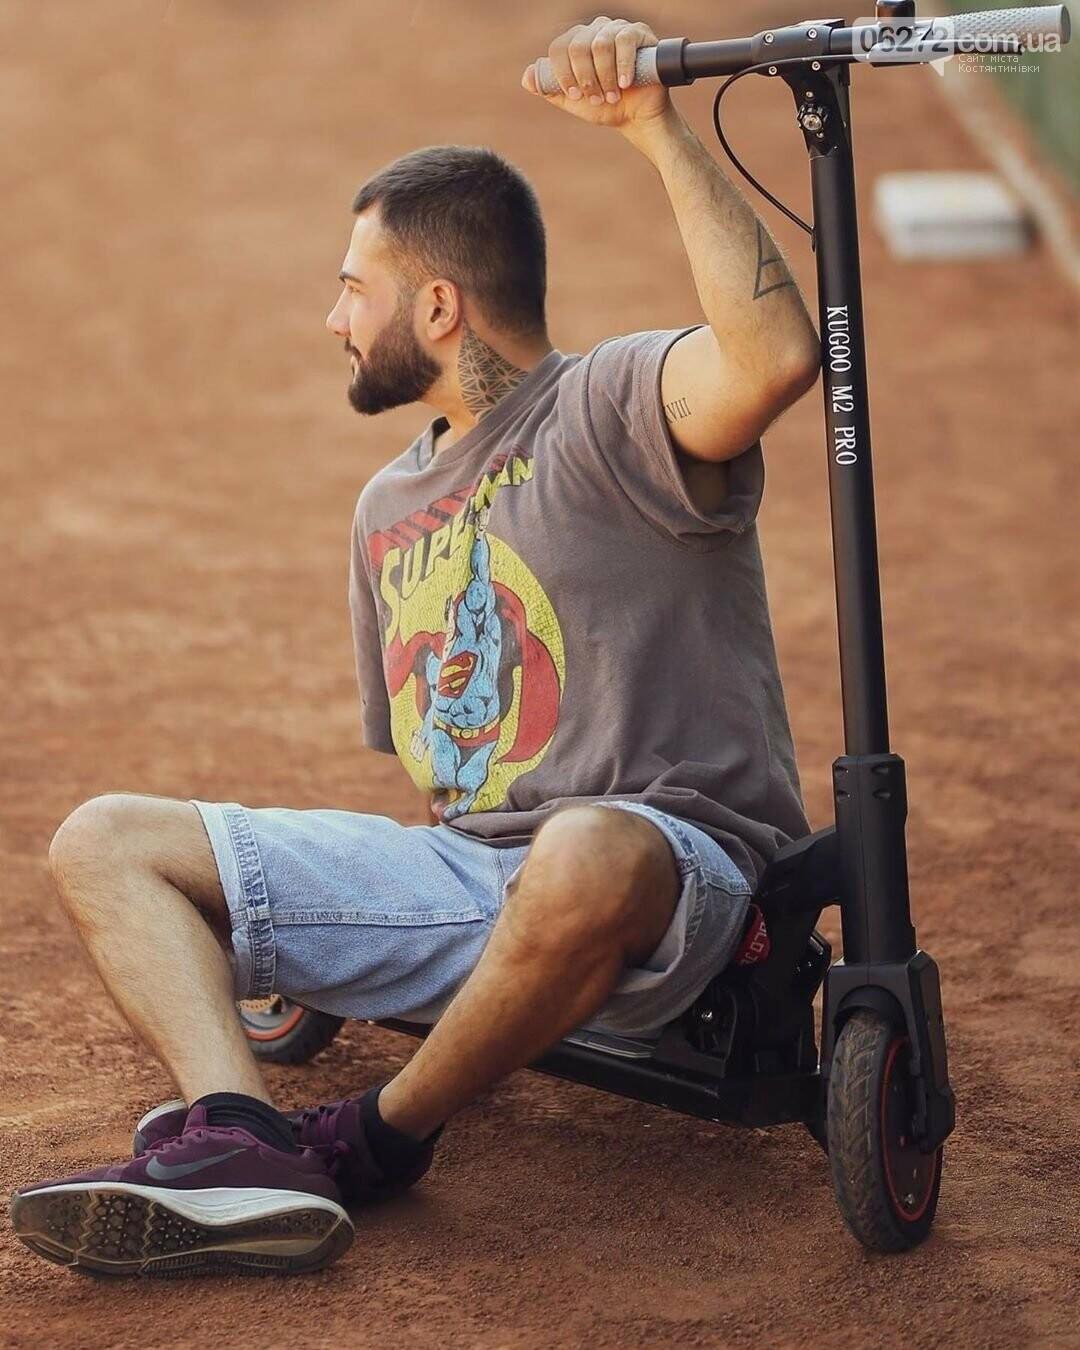 Зовсім скоро 14 жовтня - День захисника України. Що дарувати чоловікам?, фото-1